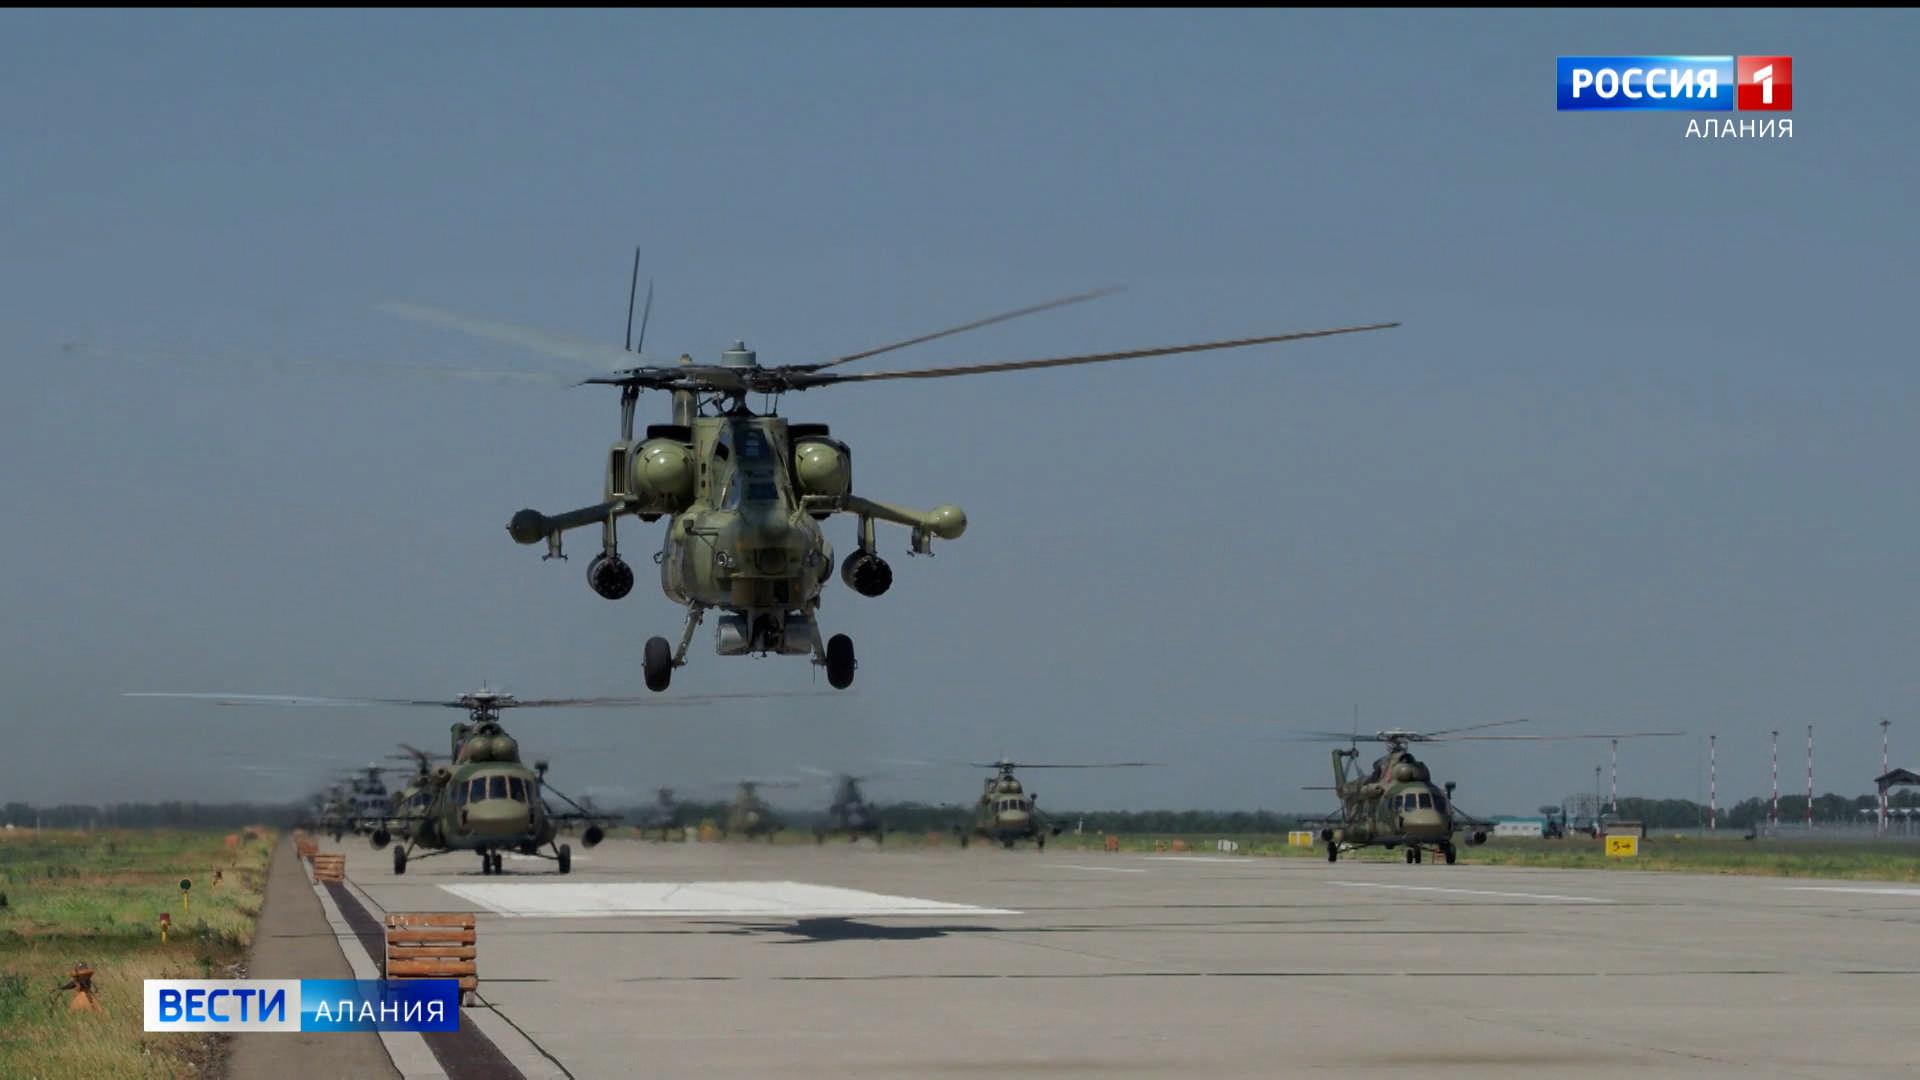 Экипажи боевых вертолетов ЮВО приступили к тренировкам перед воздушным парадом Победы 24 июня